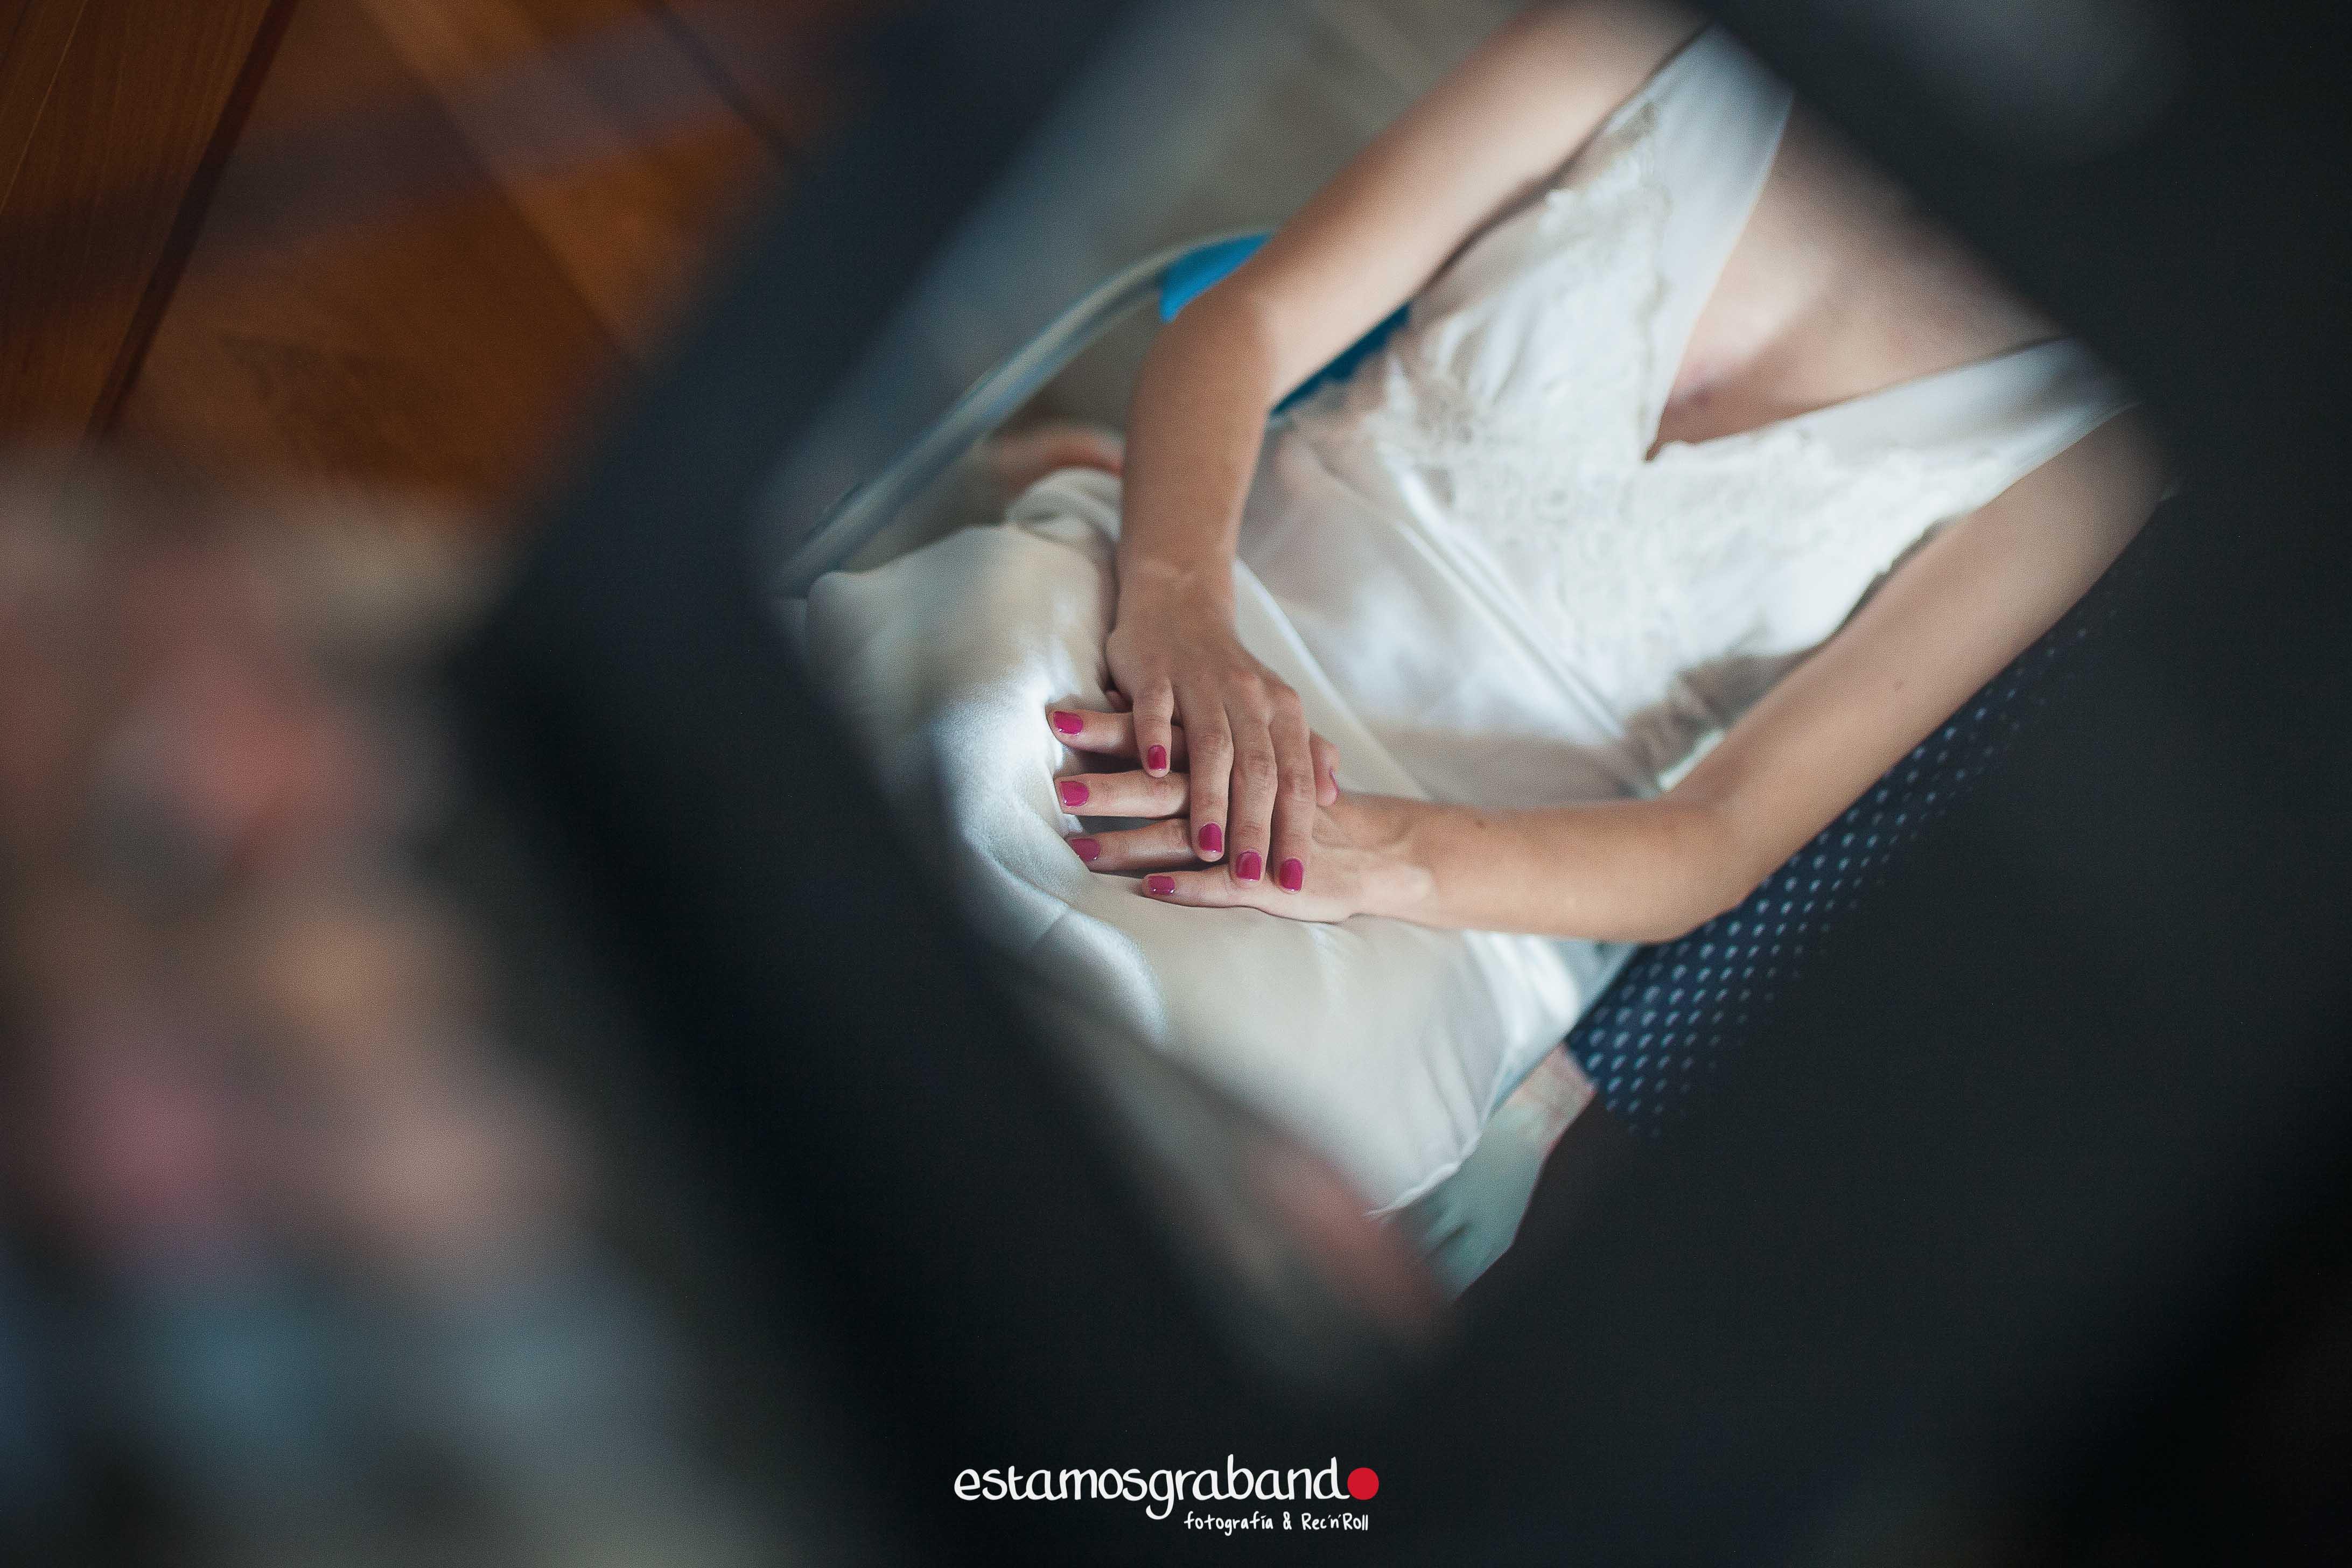 fotografo-de-bodas-jerez_mari-paz-jaime_bodegas-tradiciocc81n-13 32 escalones [Fotografía de bodas Jerez_Mari Paz & Jaime] - video boda cadiz